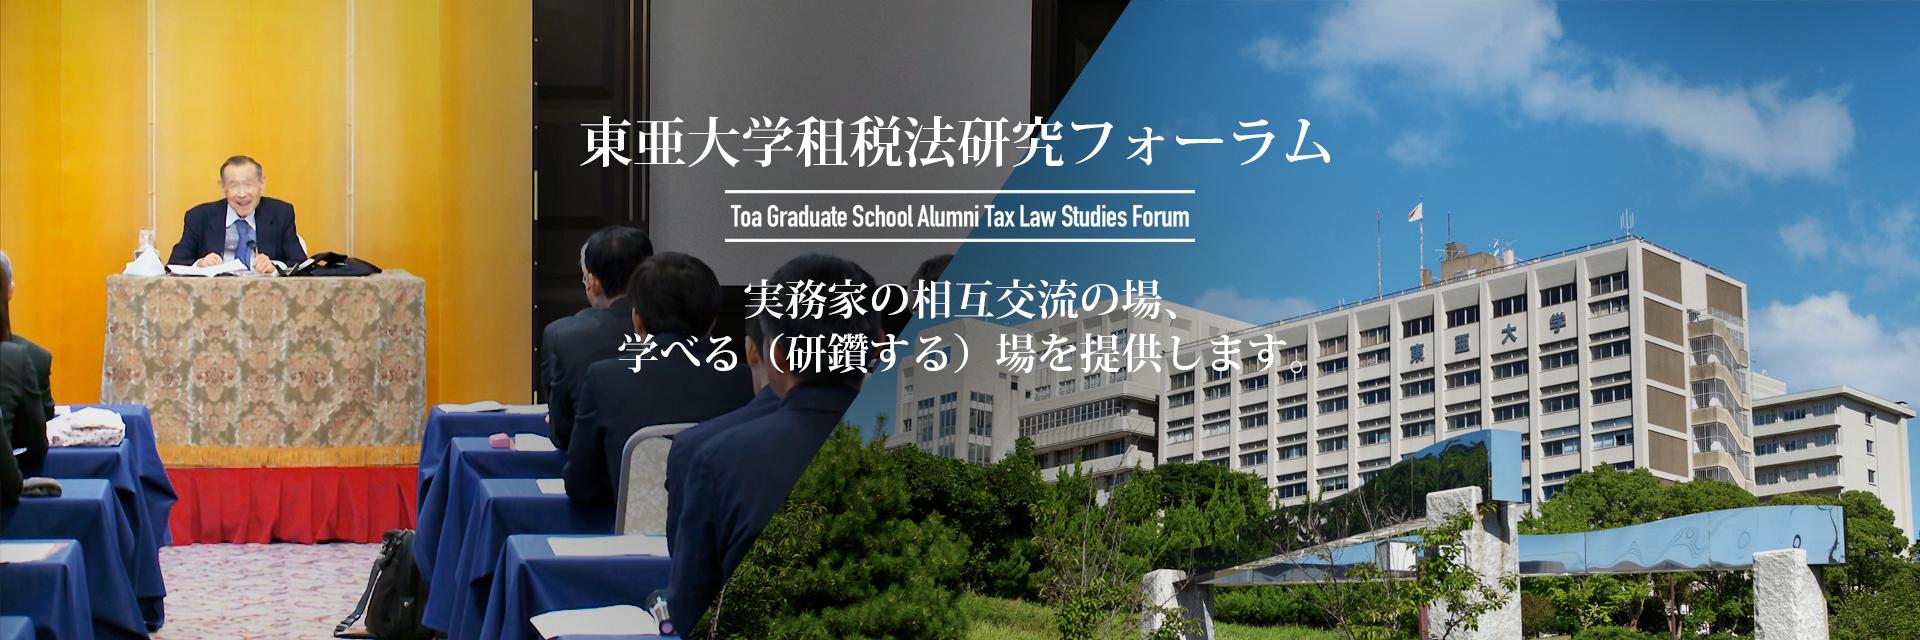 東亜大学租税法研究フォーラム